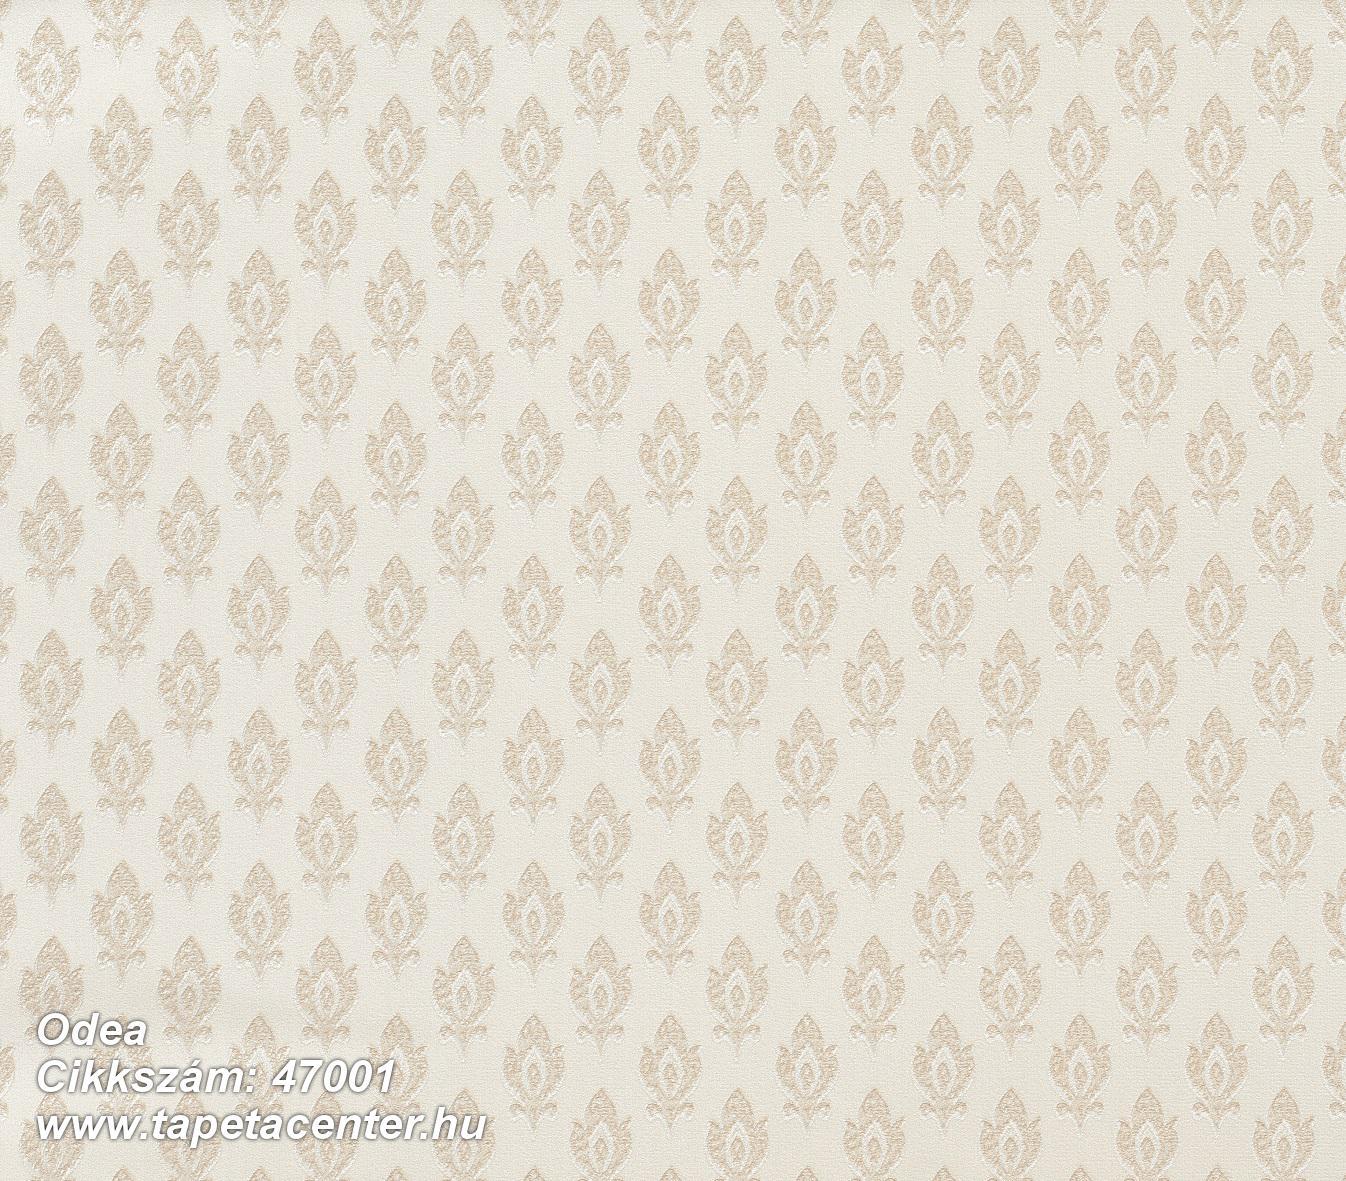 Odea - 47001 Olasz tapéta